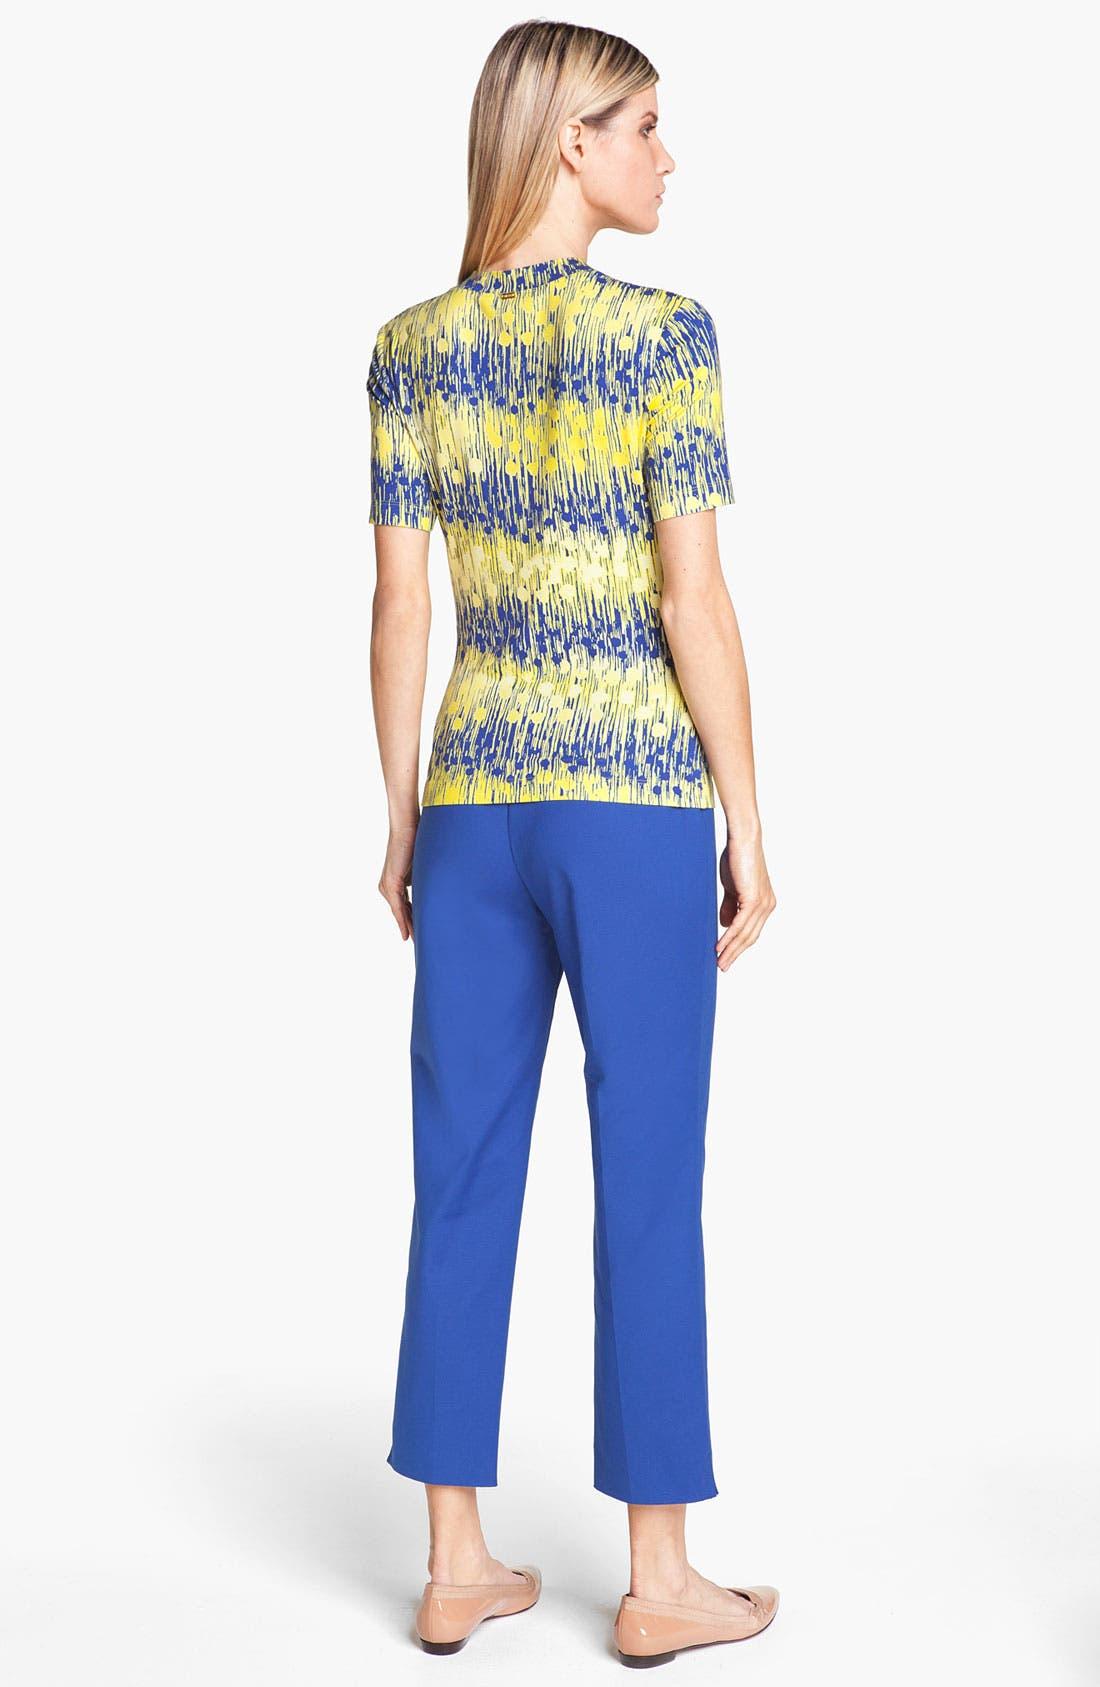 Alternate Image 3  - St. John Yellow Label 'Audrey' Double Weave Stretch Cotton Capri Pants